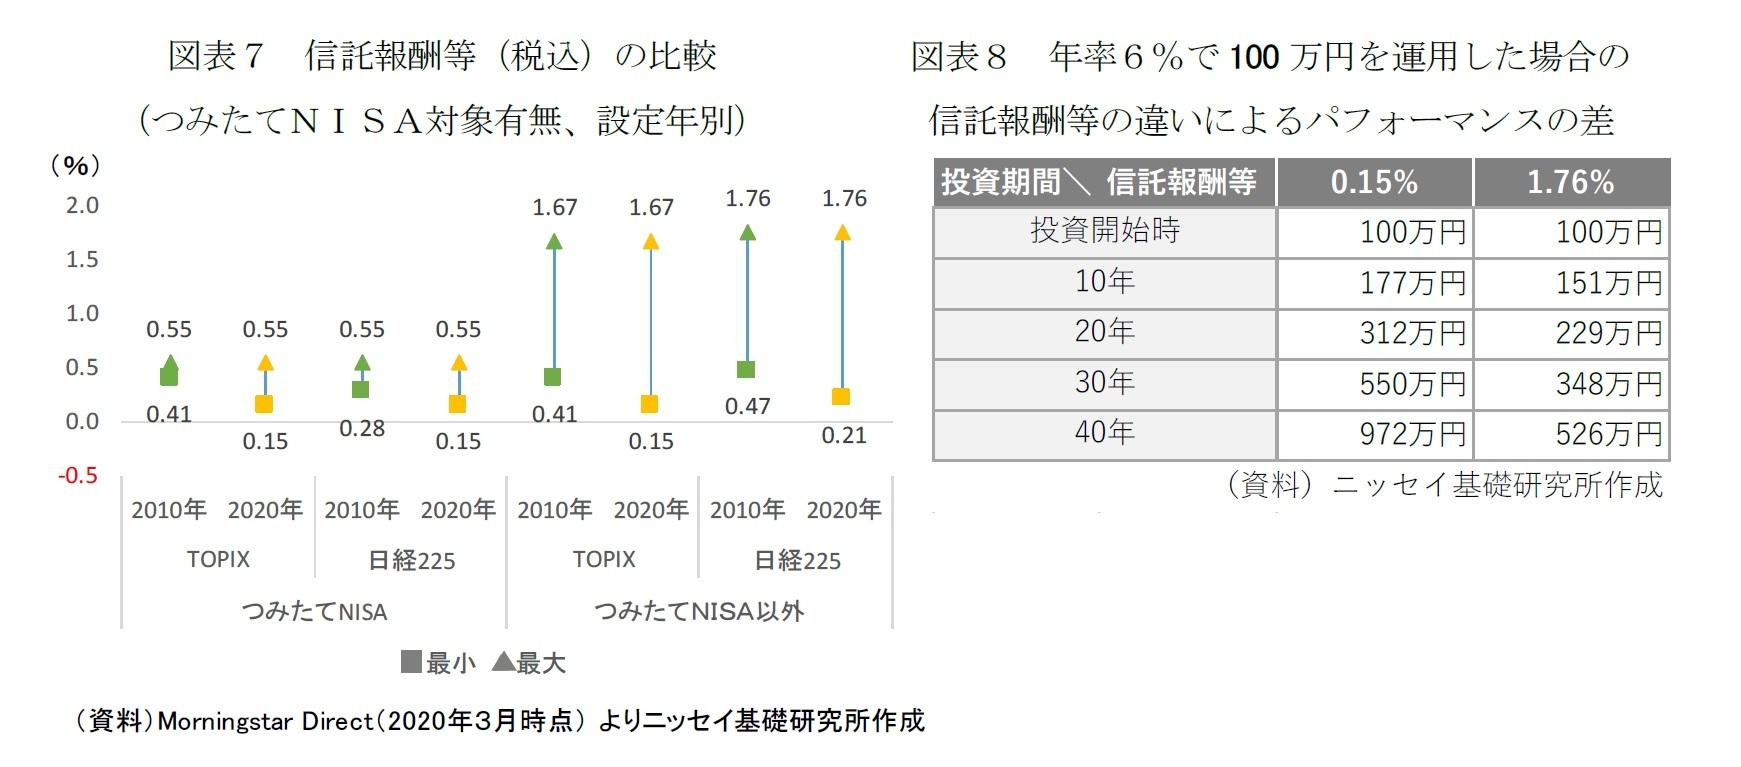 図表7 信託報酬等(税込)の比較(つみたてNISA対象有無、設定年別)/図表8 年率6%で100万円を運用した場合の信託報酬等の違いによるパフォーマンスの差